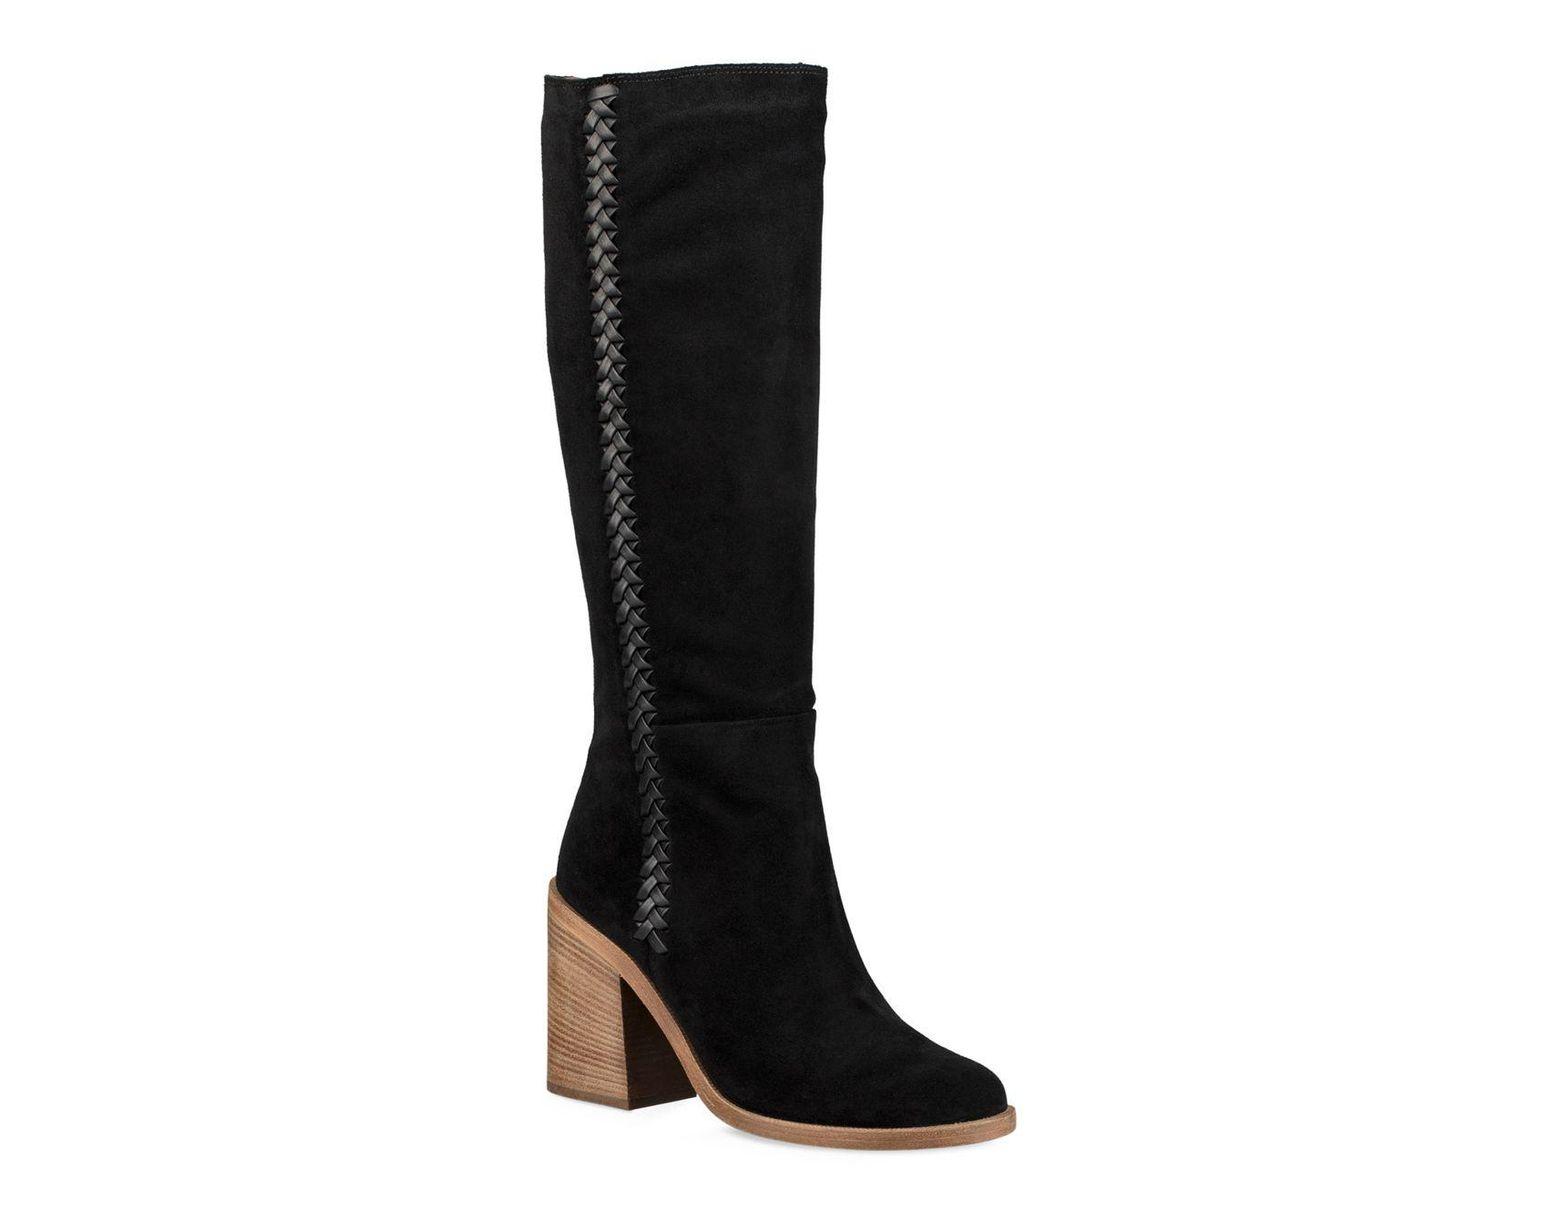 9f16a63c46f Black Women's Maeva Suede Mid-calf Boots